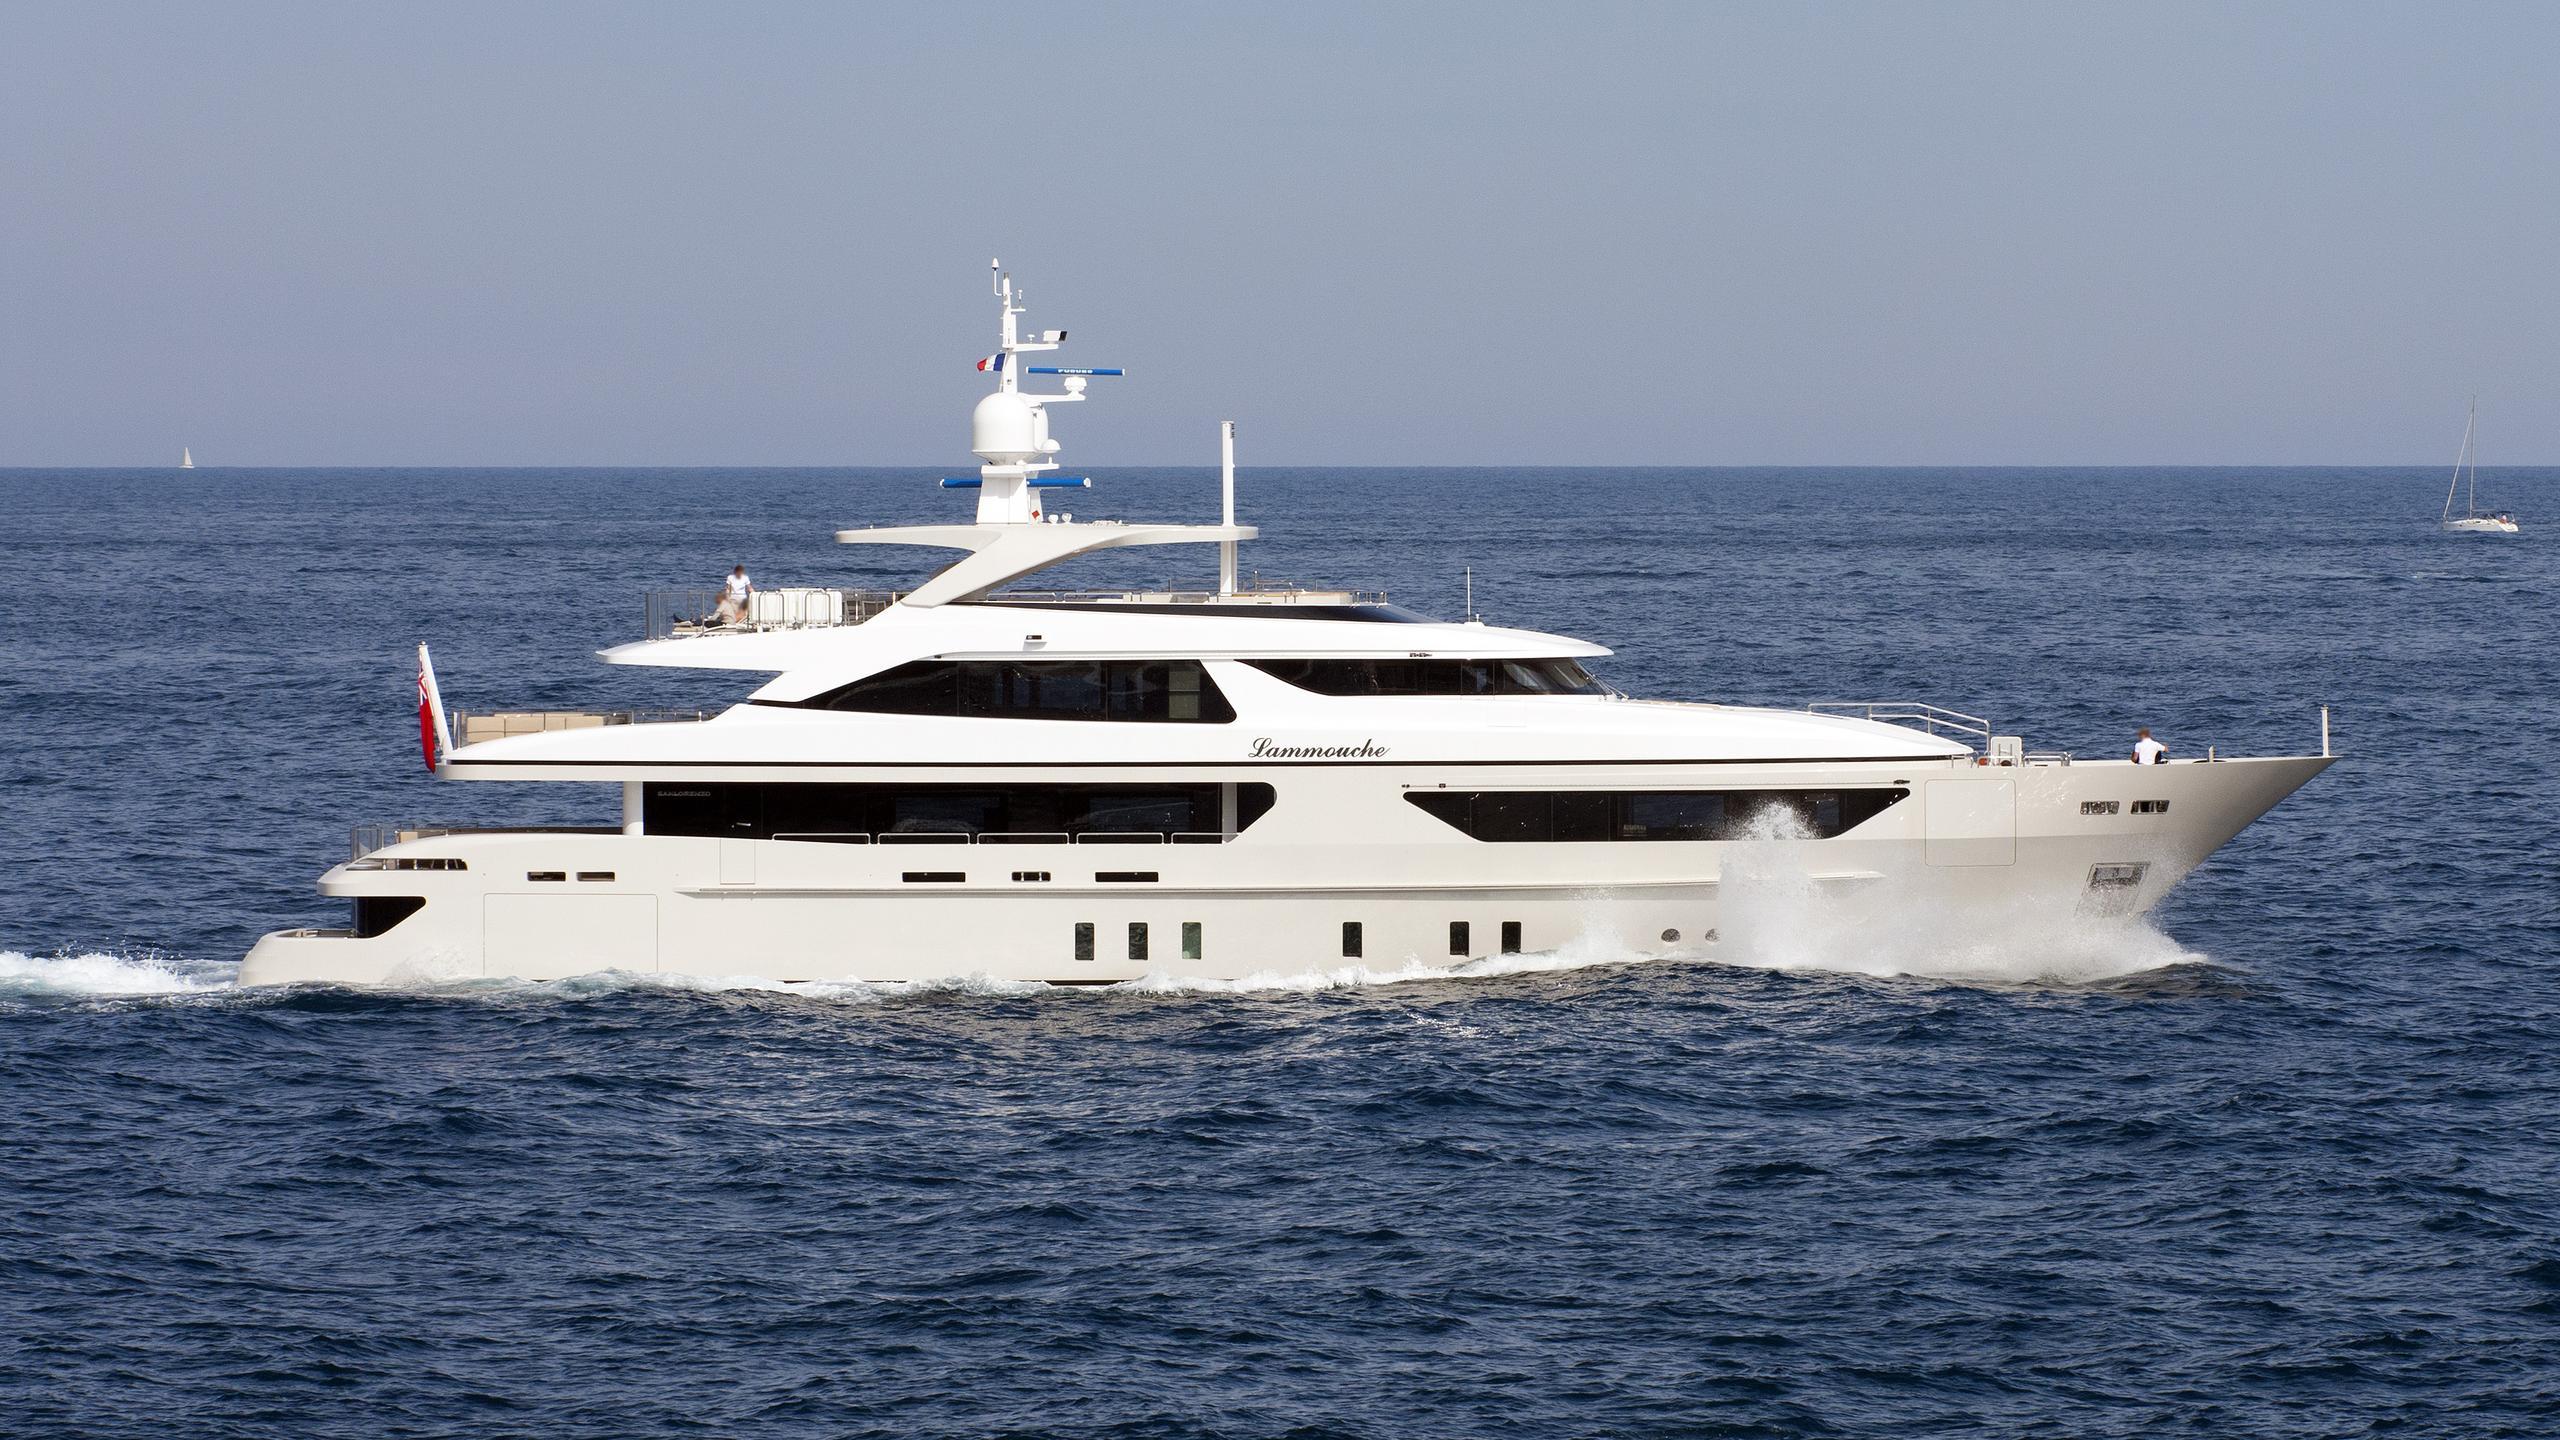 lammouche-motor-yacht-sanlorenzo-2010-44m-cruising